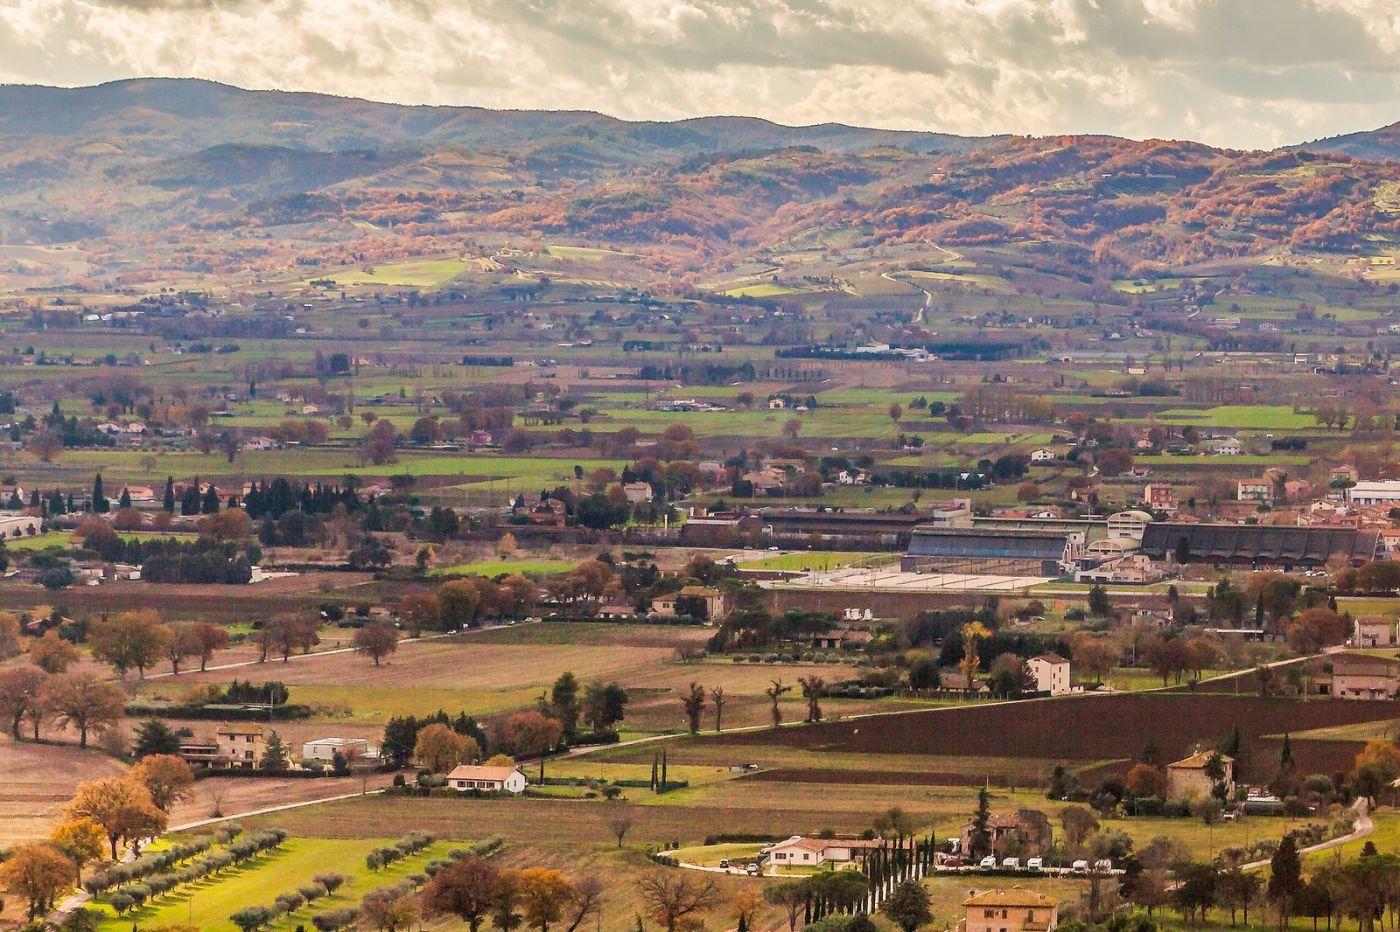 意大利阿西西(Assisi), 登高放眼_图1-14